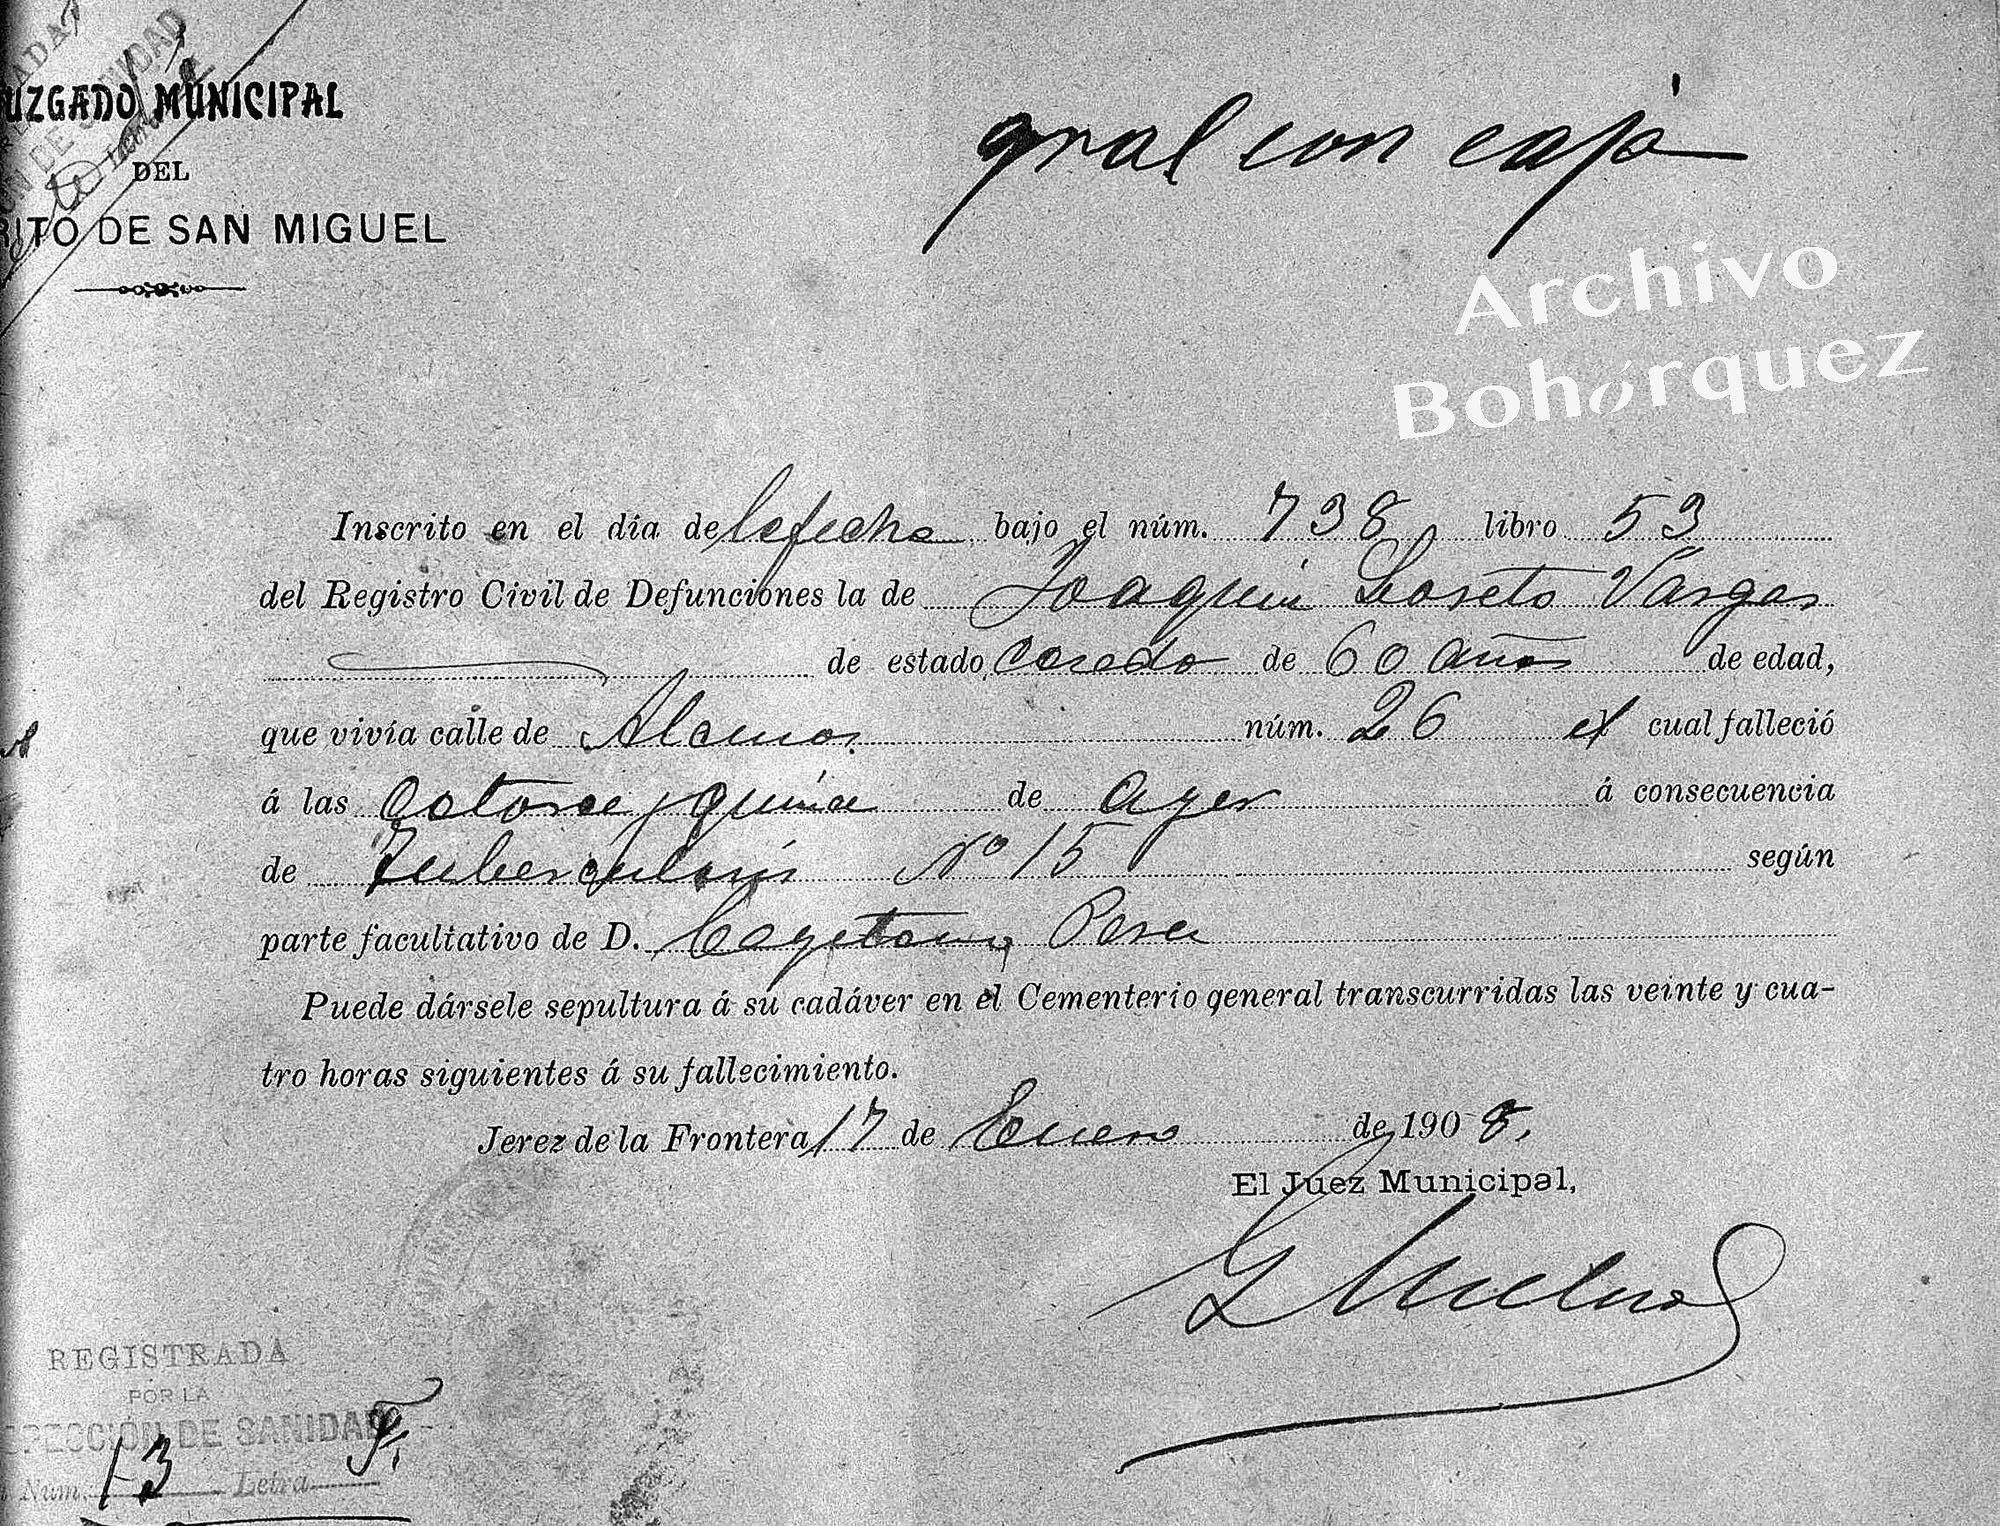 Certificado de fallecimiento de Joaquín Lacherna, 1908. Archivo Bohórquez.